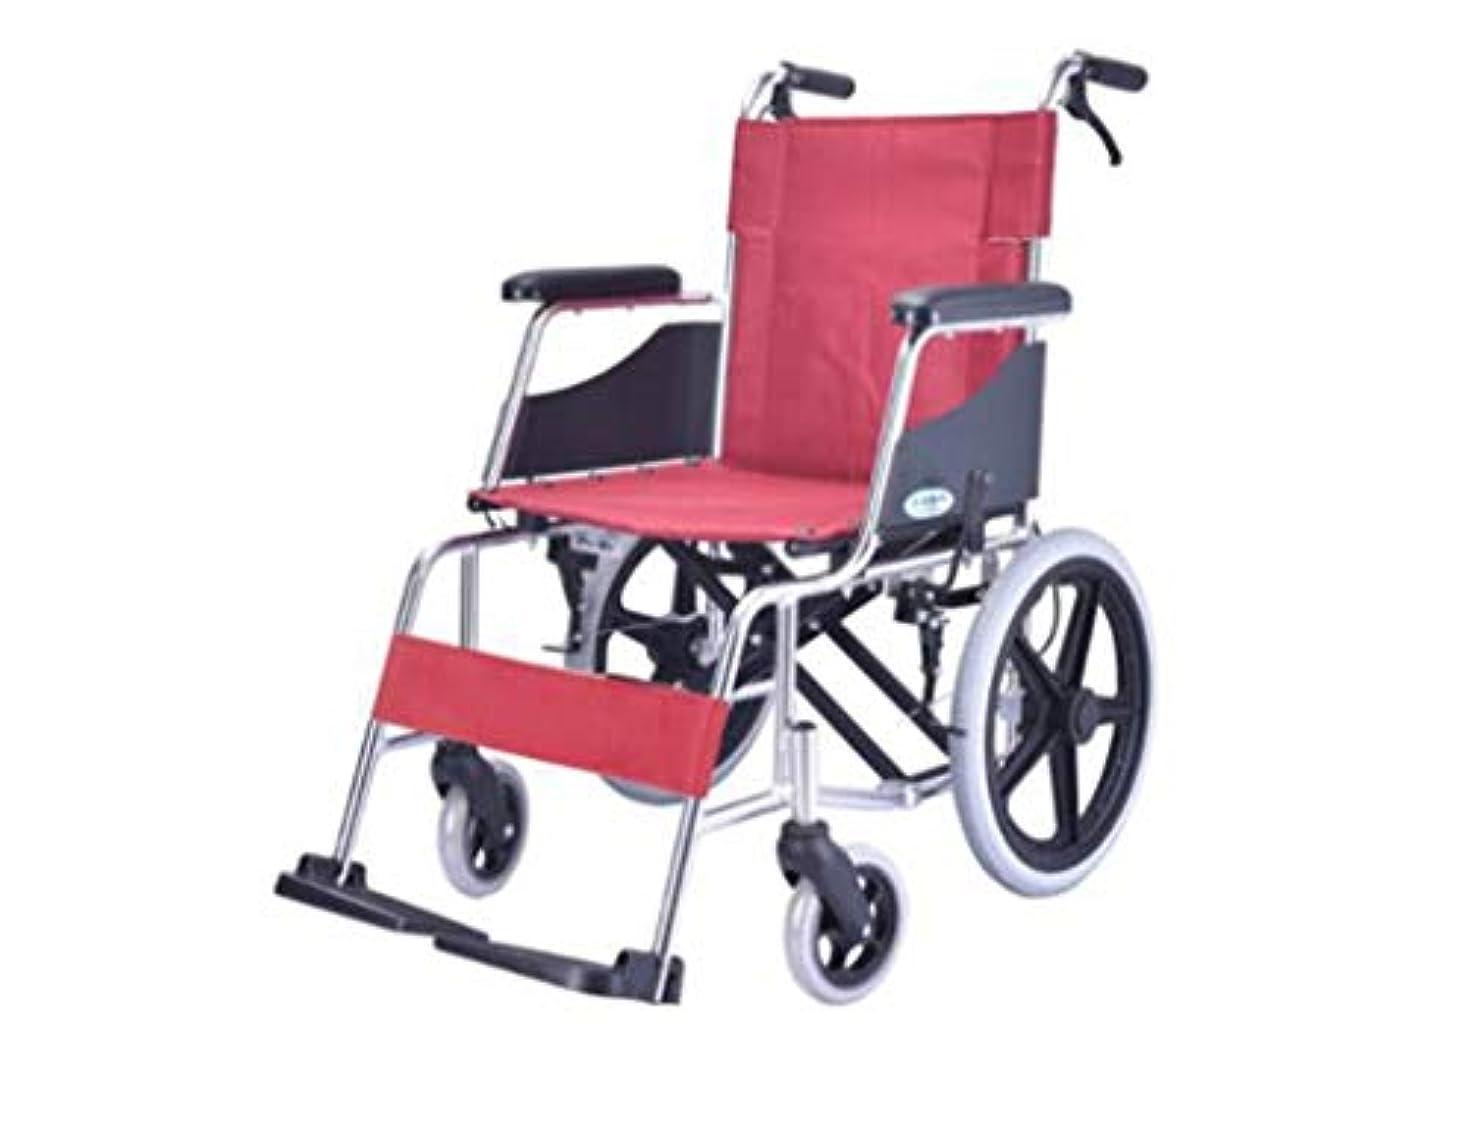 柔らかい再生的厚さ車椅子折りたたみ式、高齢者用車椅子用手動航空チタン合金、背もたれ収納バッグのデザイン、200 kgのベアリング